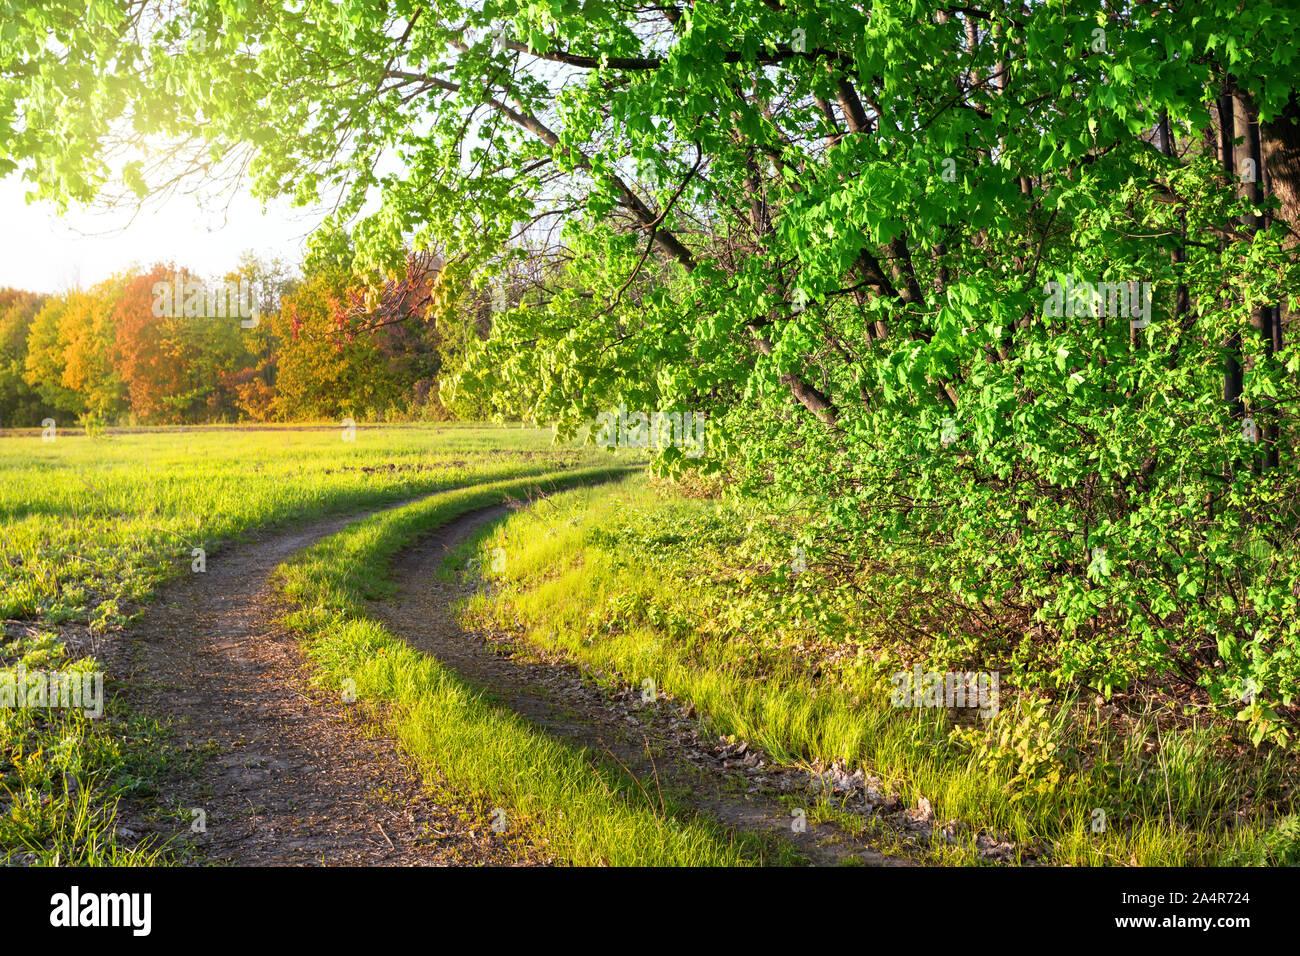 Route de campagne et un parc d'été. Les arbres et l'herbe verte. Soleil clair Banque D'Images